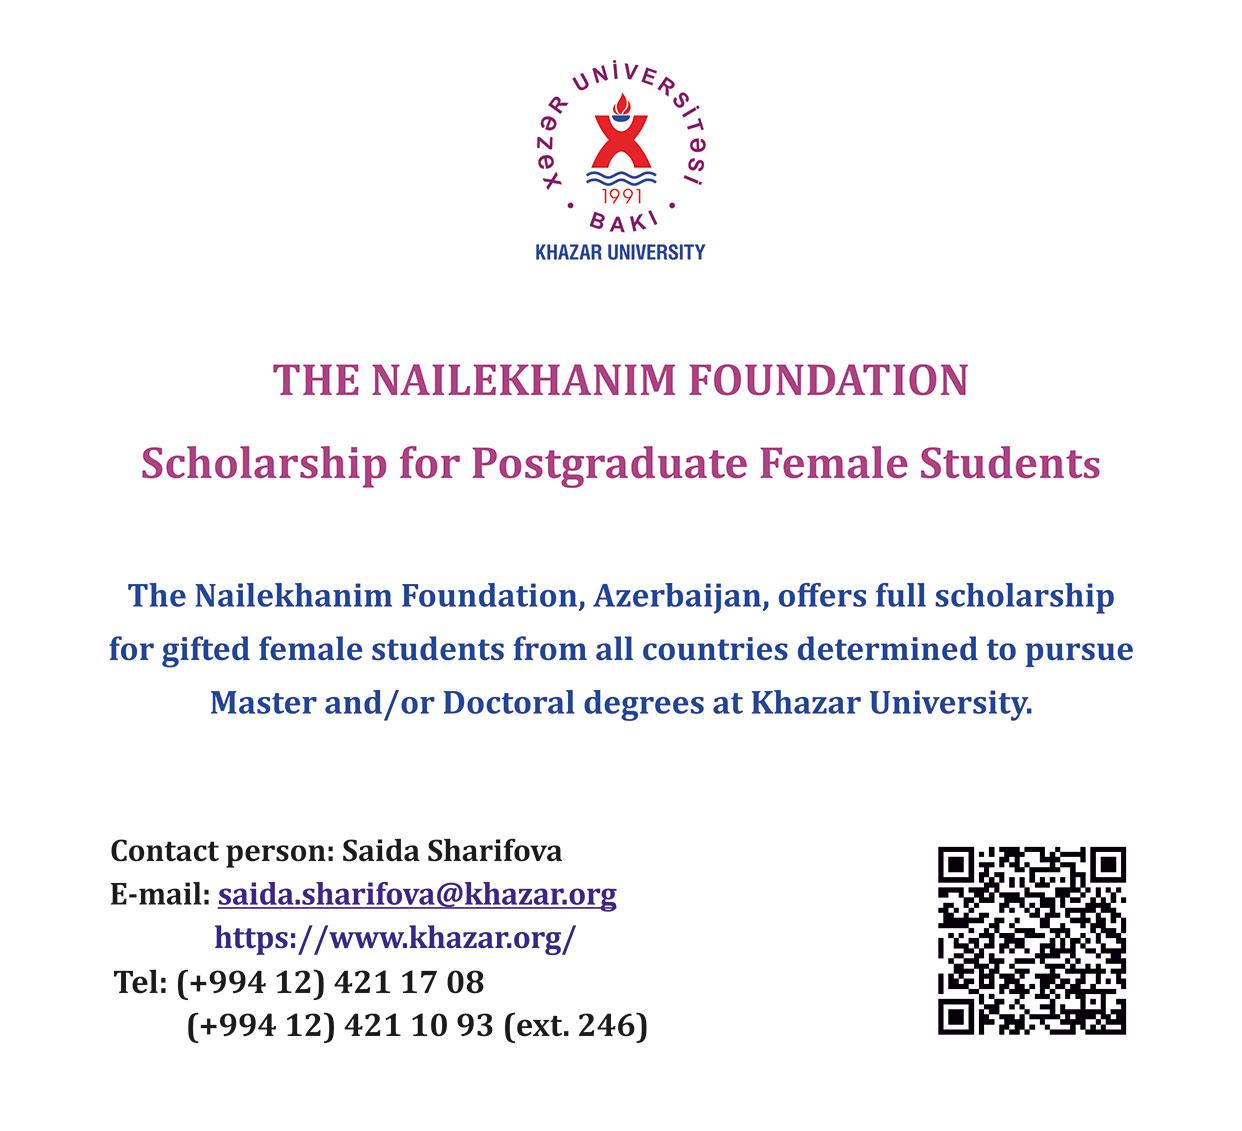 Full Scholarship for Postgraduate Female Students